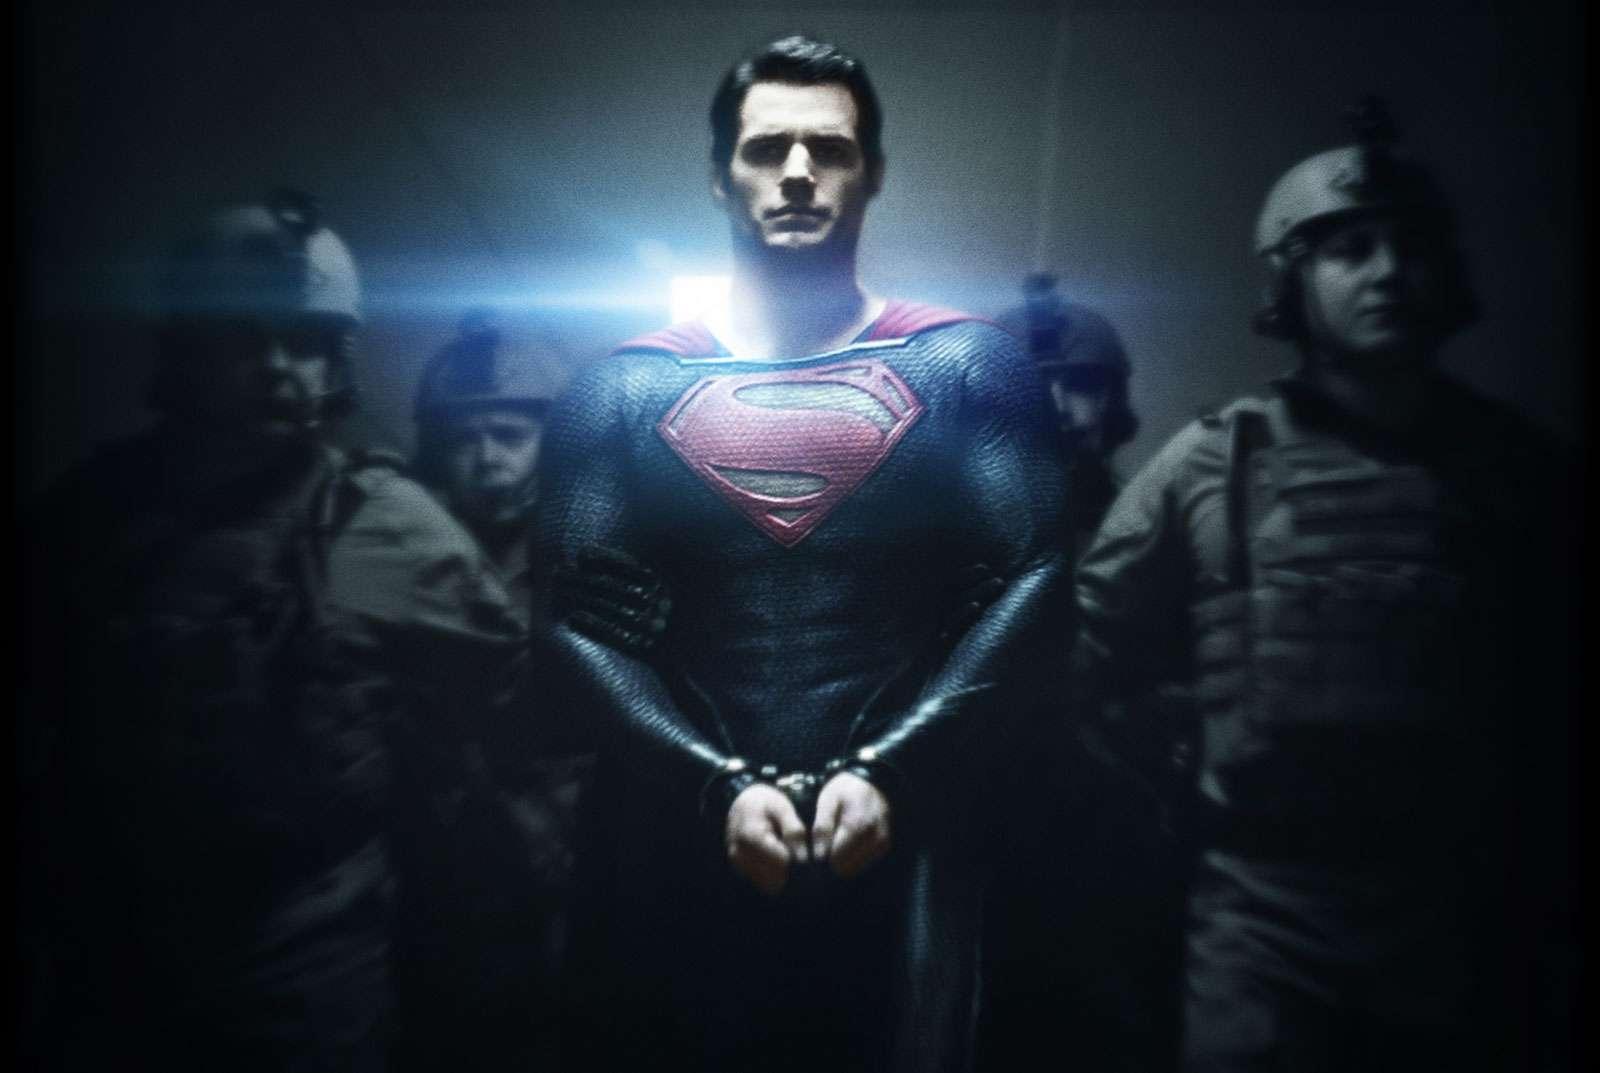 Man of Steel scene